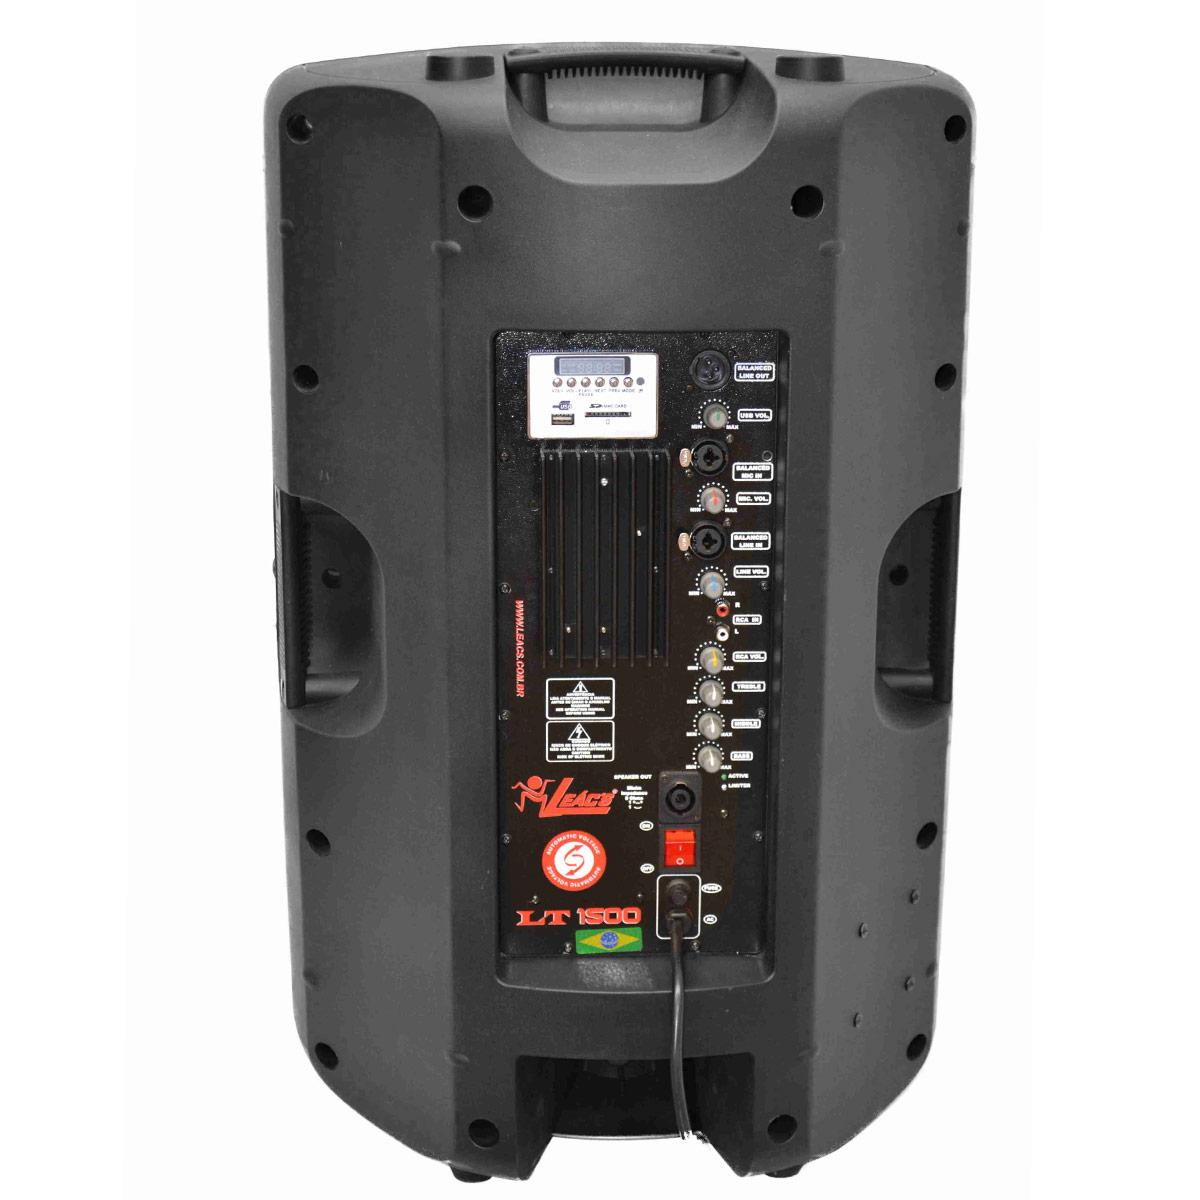 LT1500 - Caixa Ativa 300W c/ Player USB LT 1500 - Leacs